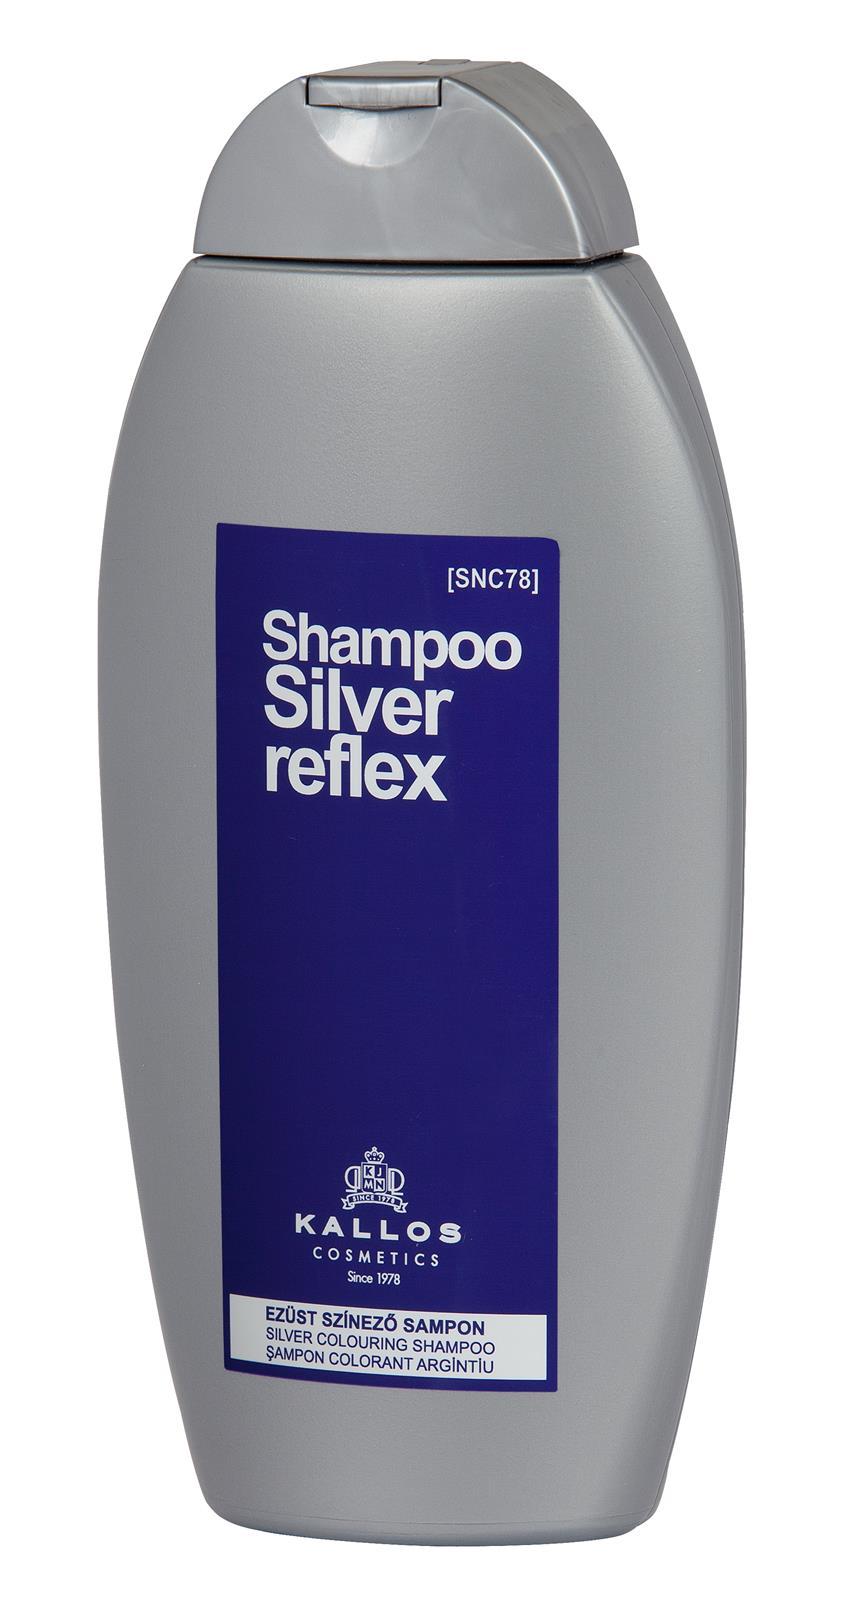 Šampon Silver Reflex kallos